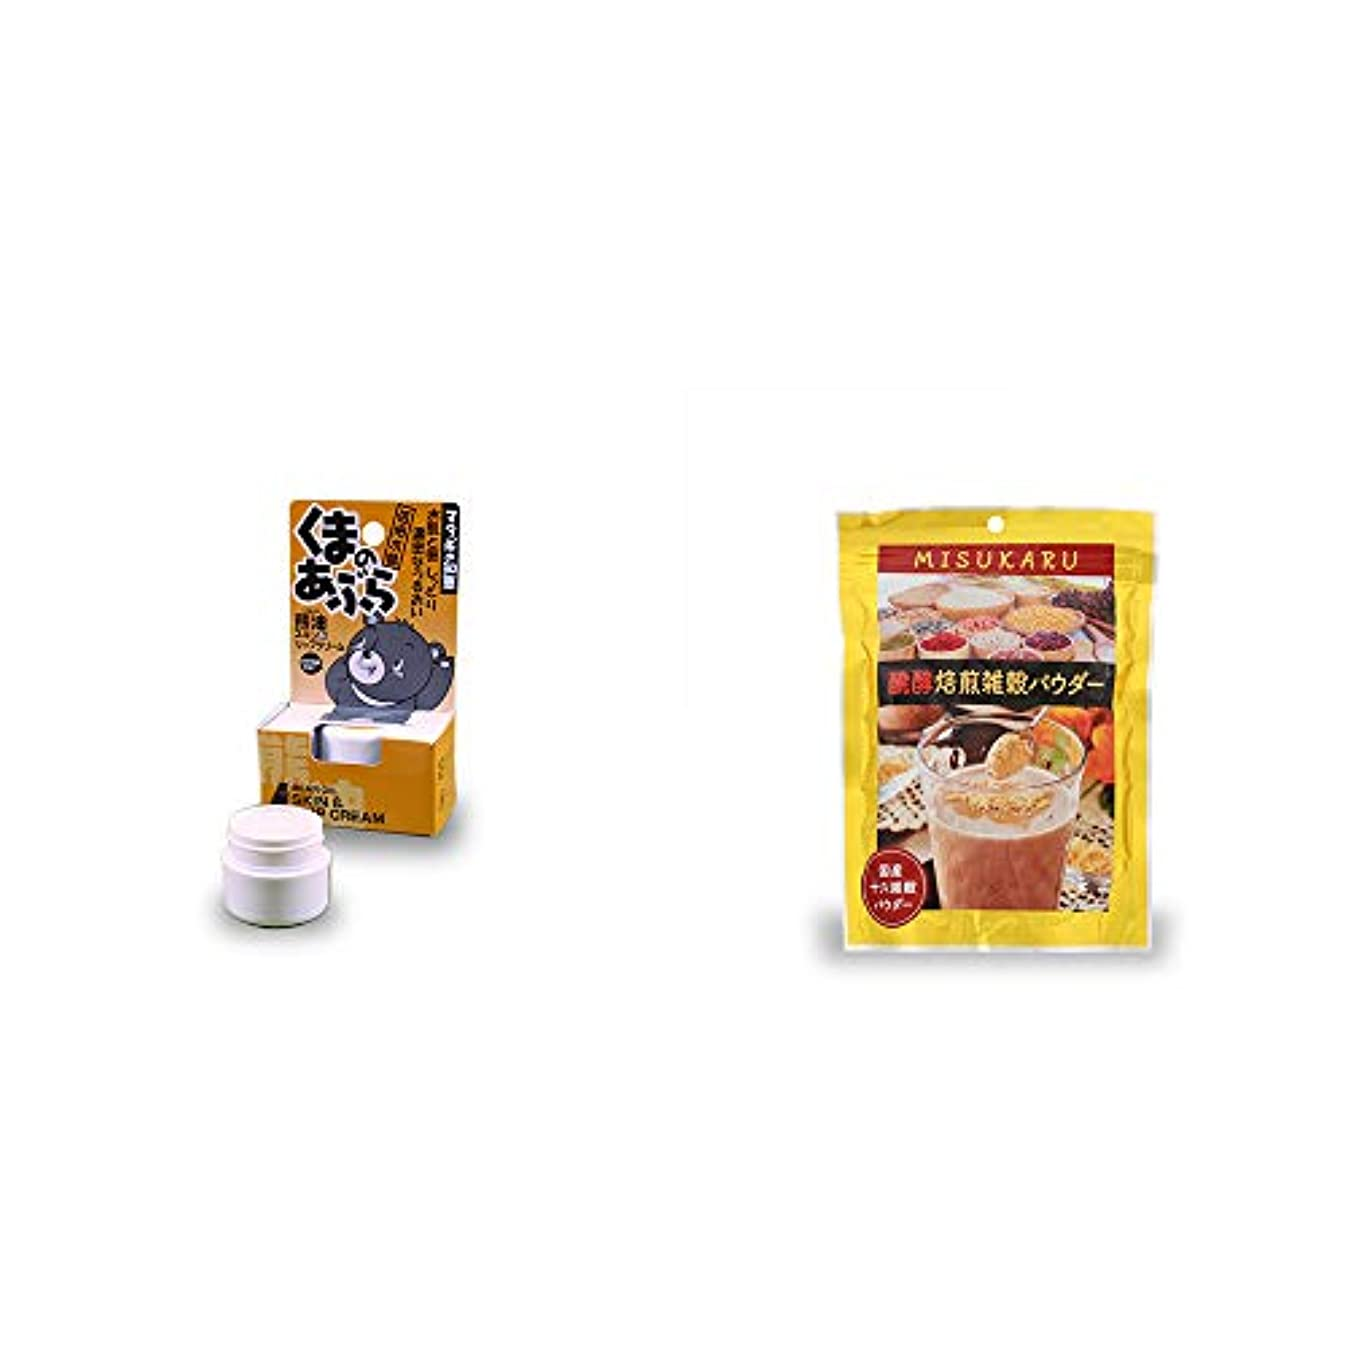 観点想像力豊かなポジティブ[2点セット] 信州木曽 くまのあぶら 熊油スキン&リップクリーム(9g)?醗酵焙煎雑穀パウダー MISUKARU(ミスカル)(200g)